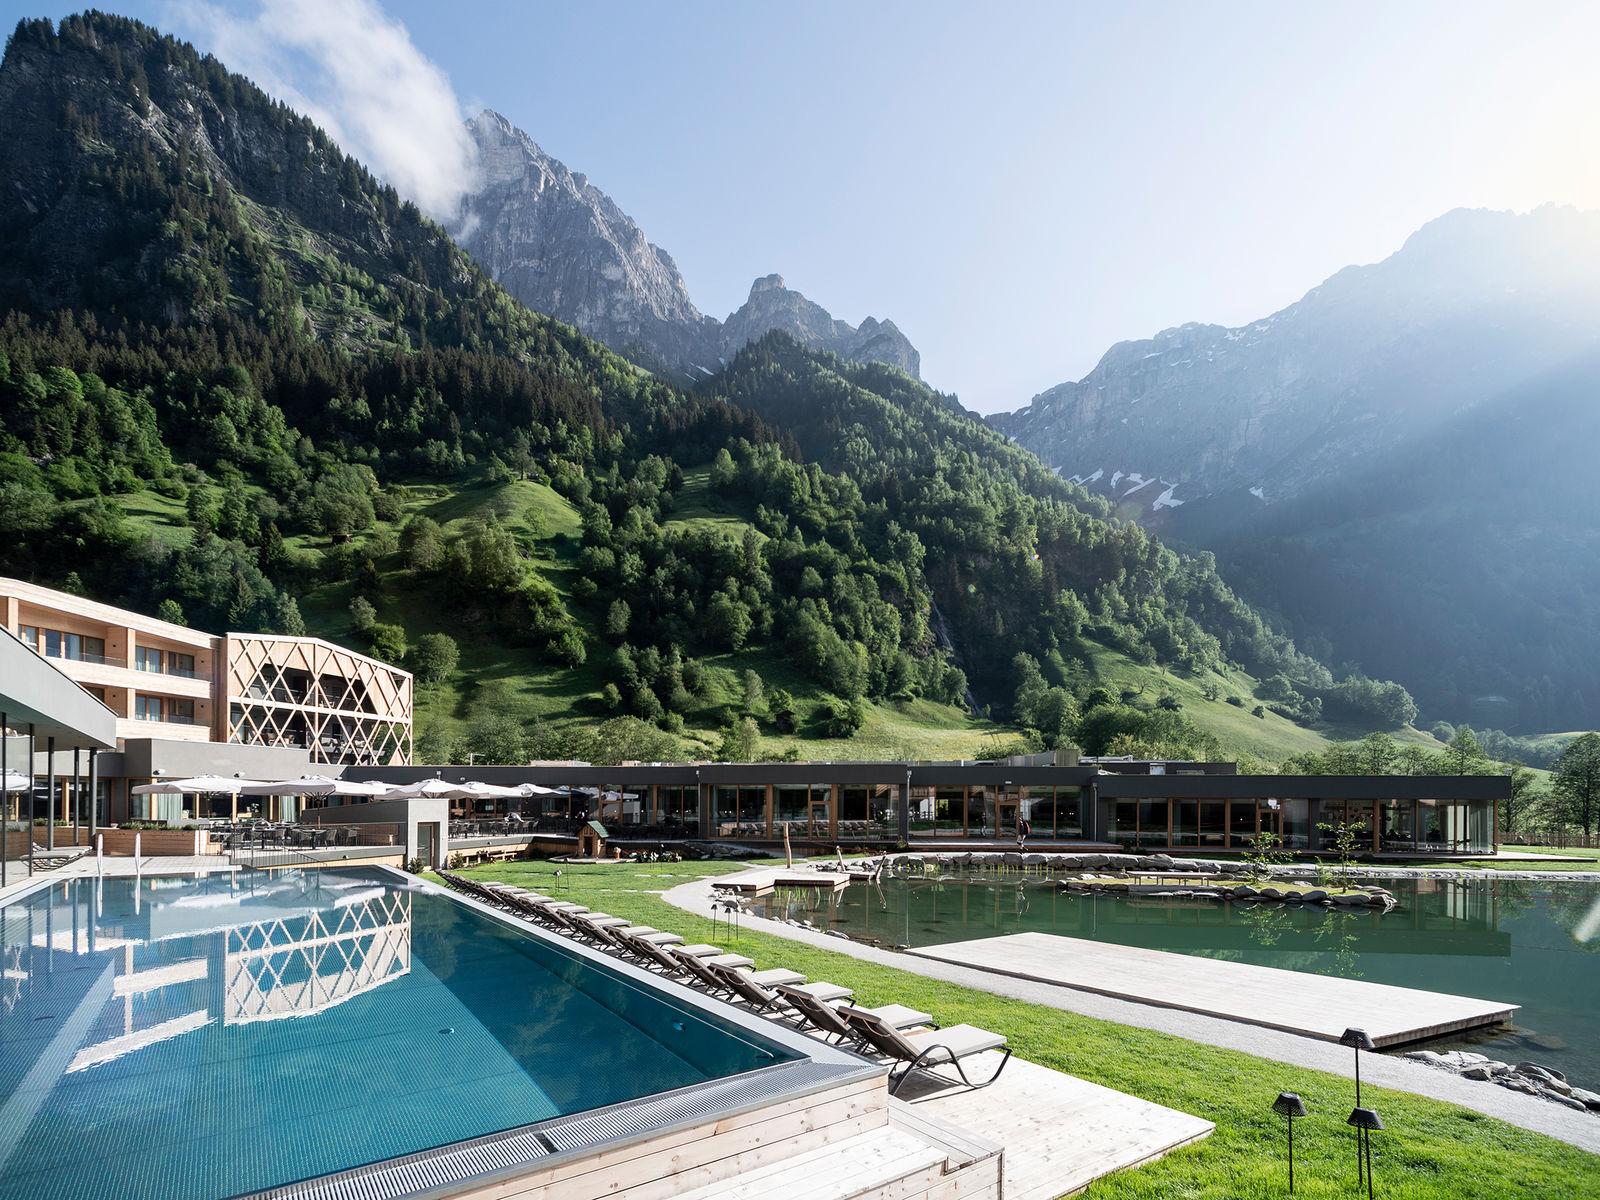 Familienhotel in s dtirol feuerstein nature family resort for Warnemunde 5 sterne hotel